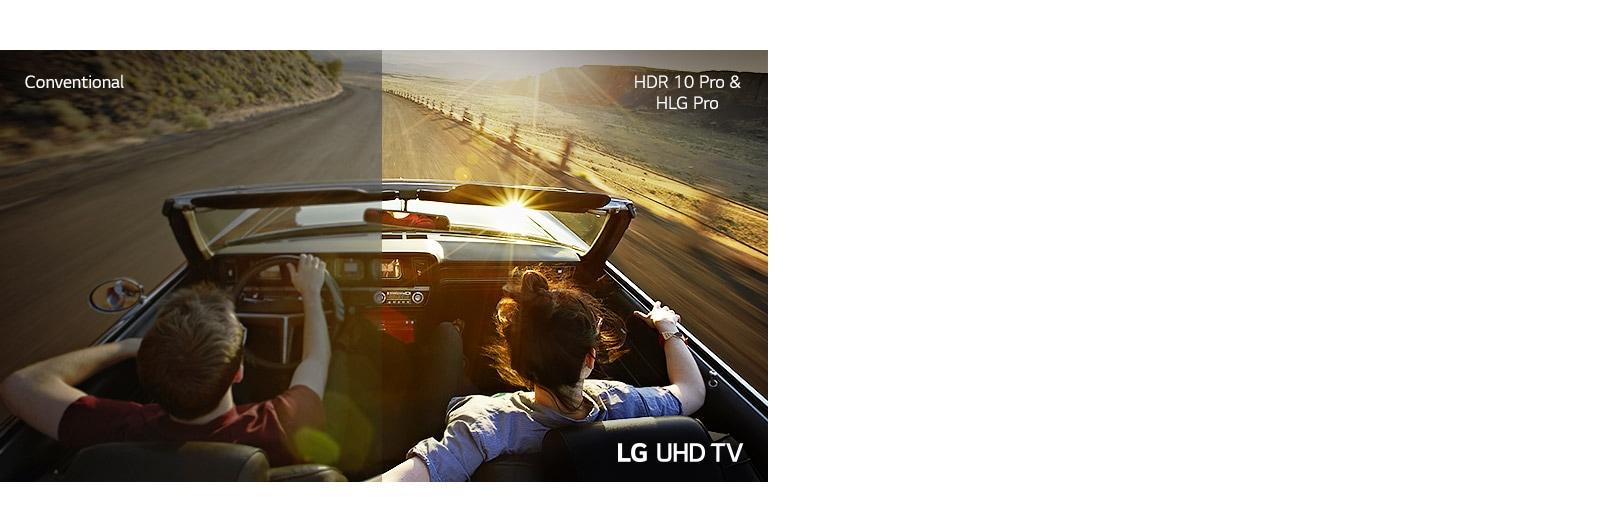 LG 65UN7300PTC HDR Pro HLG Pro